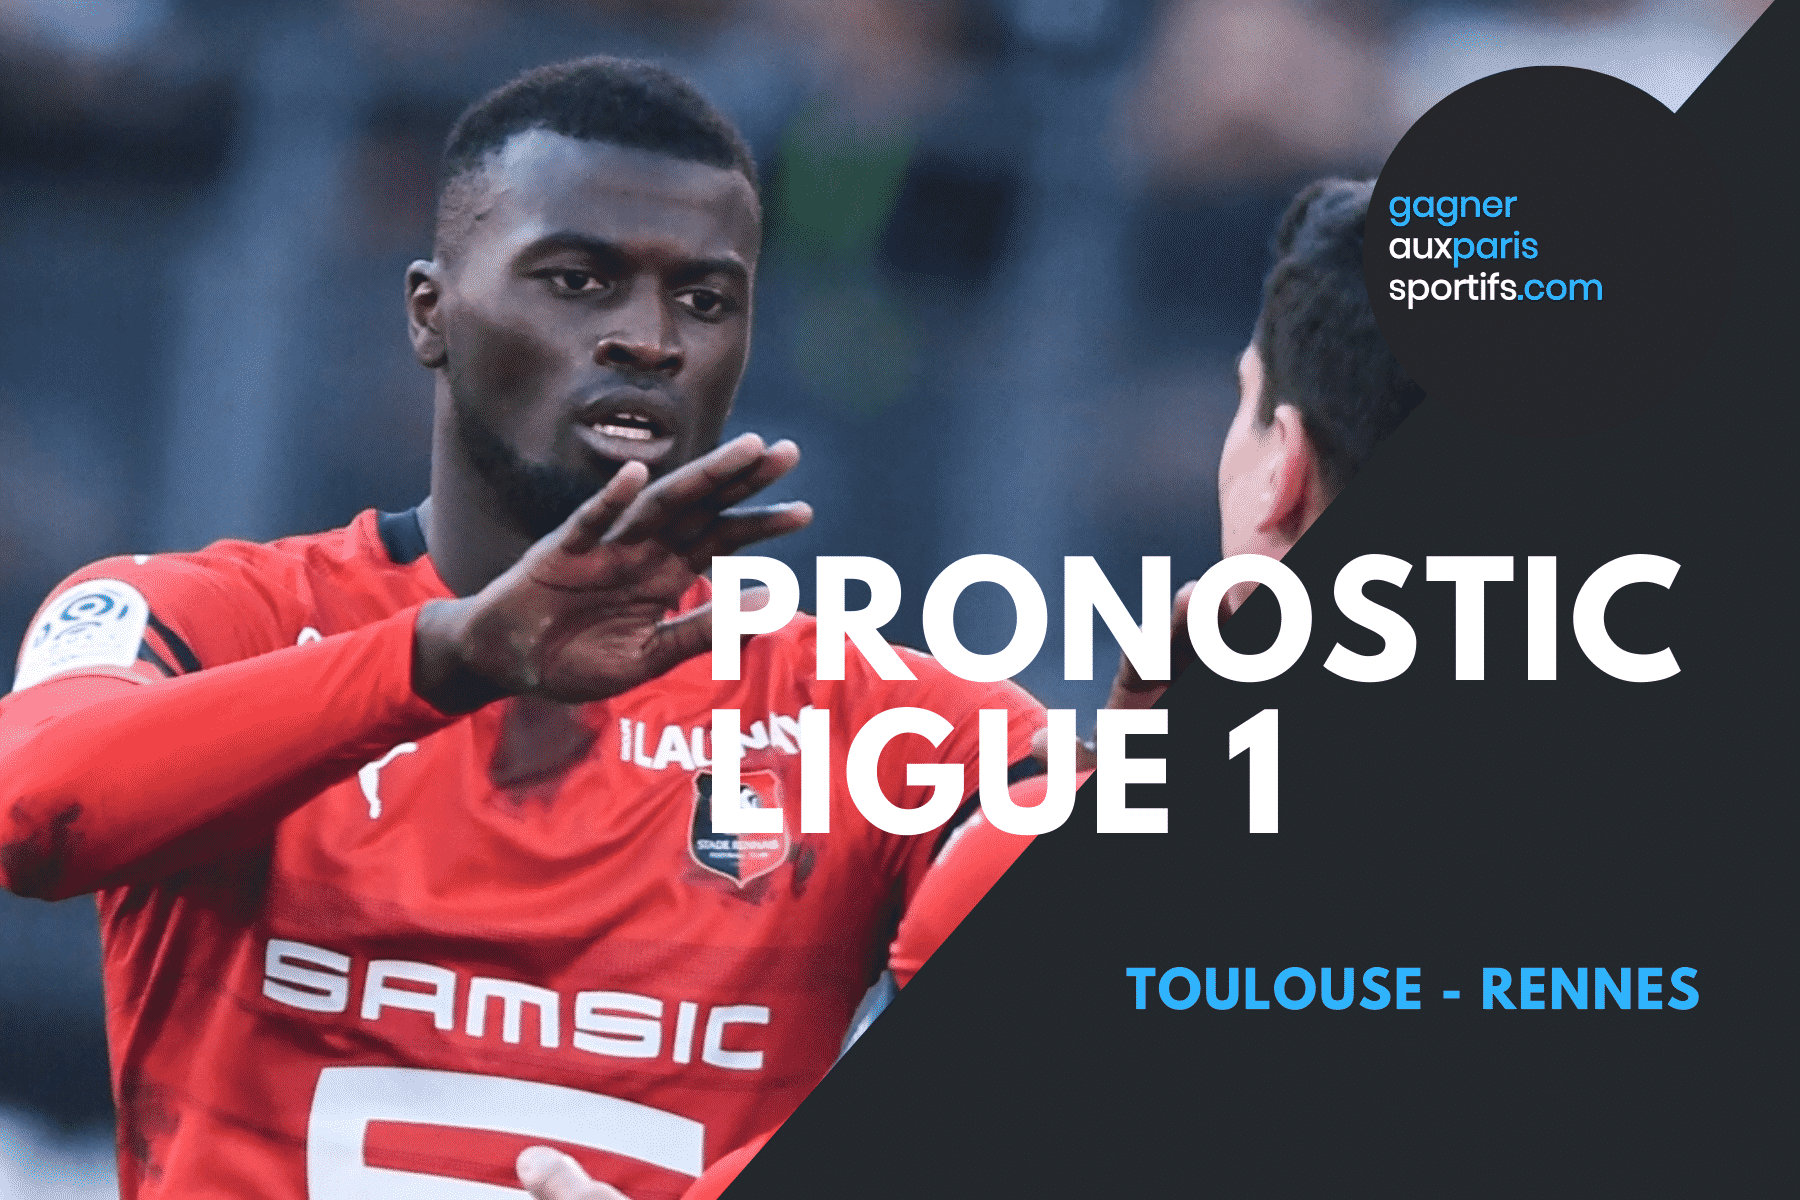 PRONOSTIC Toulouse - Rennes Ligue 1